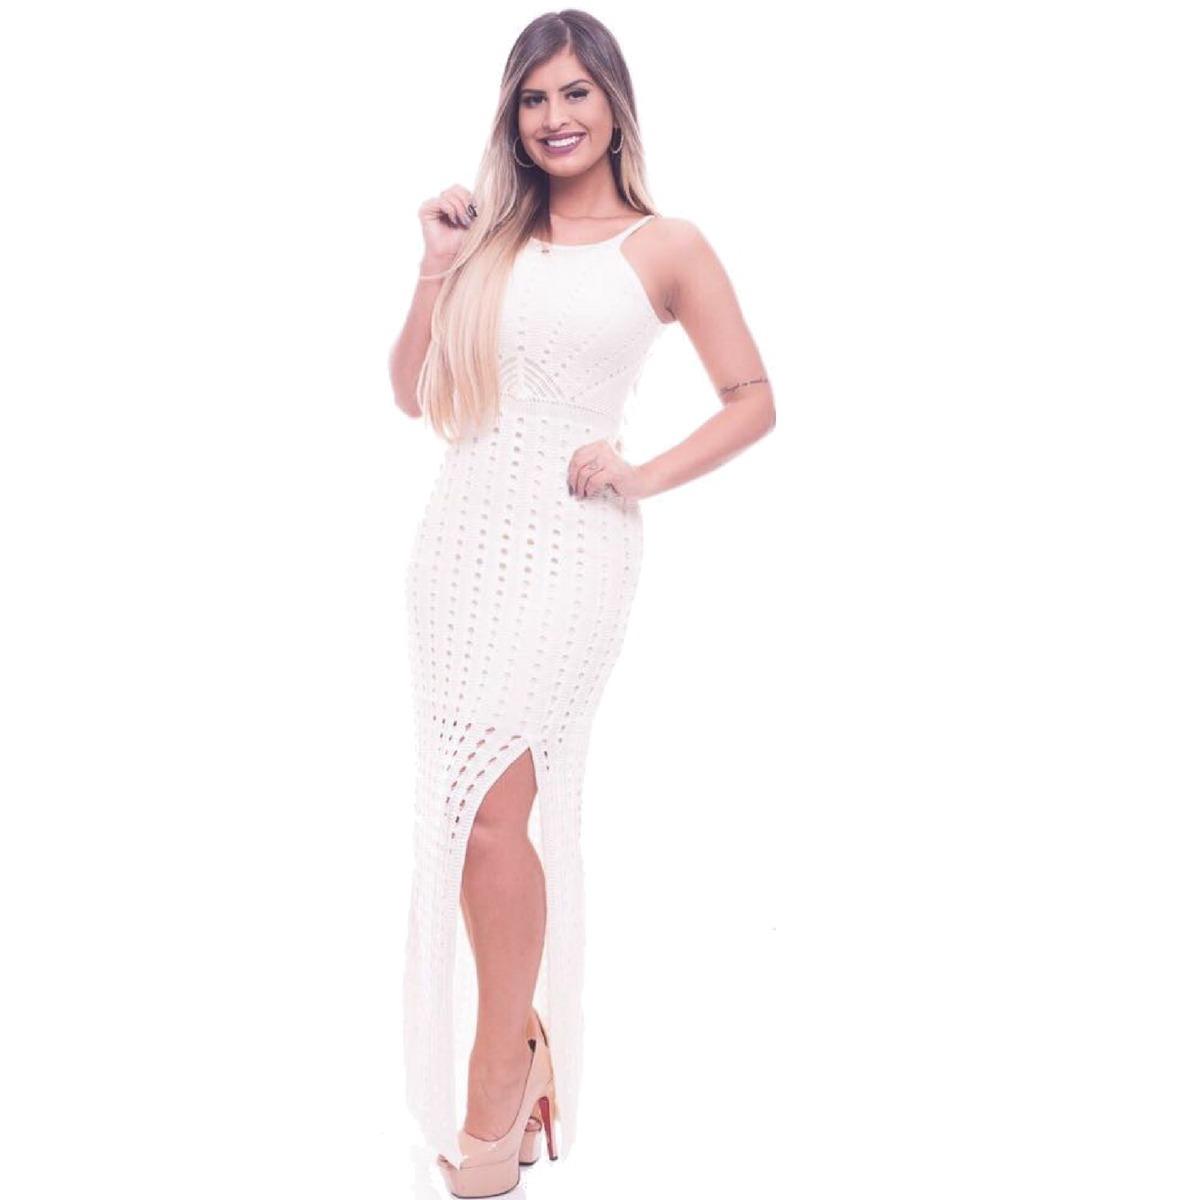 ea95ca1e99 vestido longo simples com renda tricot trico moda feminina. Carregando zoom.